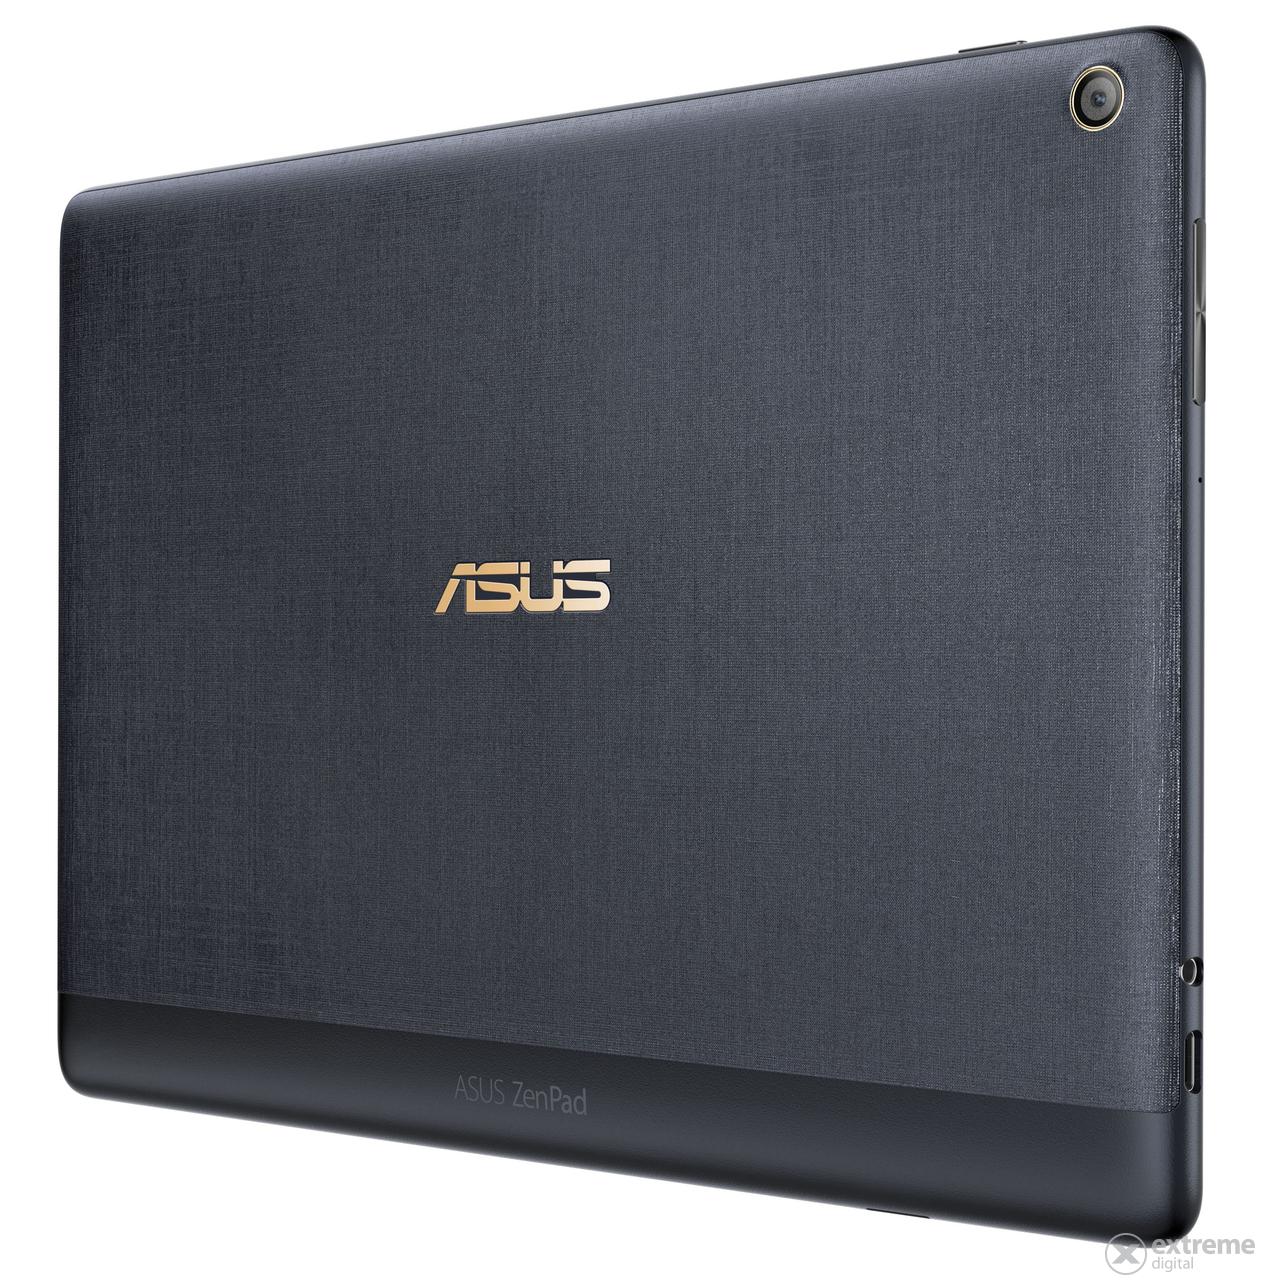 asus zenpad z301m 1d013a 10 1 16gb wifi tablet k k extreme digital. Black Bedroom Furniture Sets. Home Design Ideas